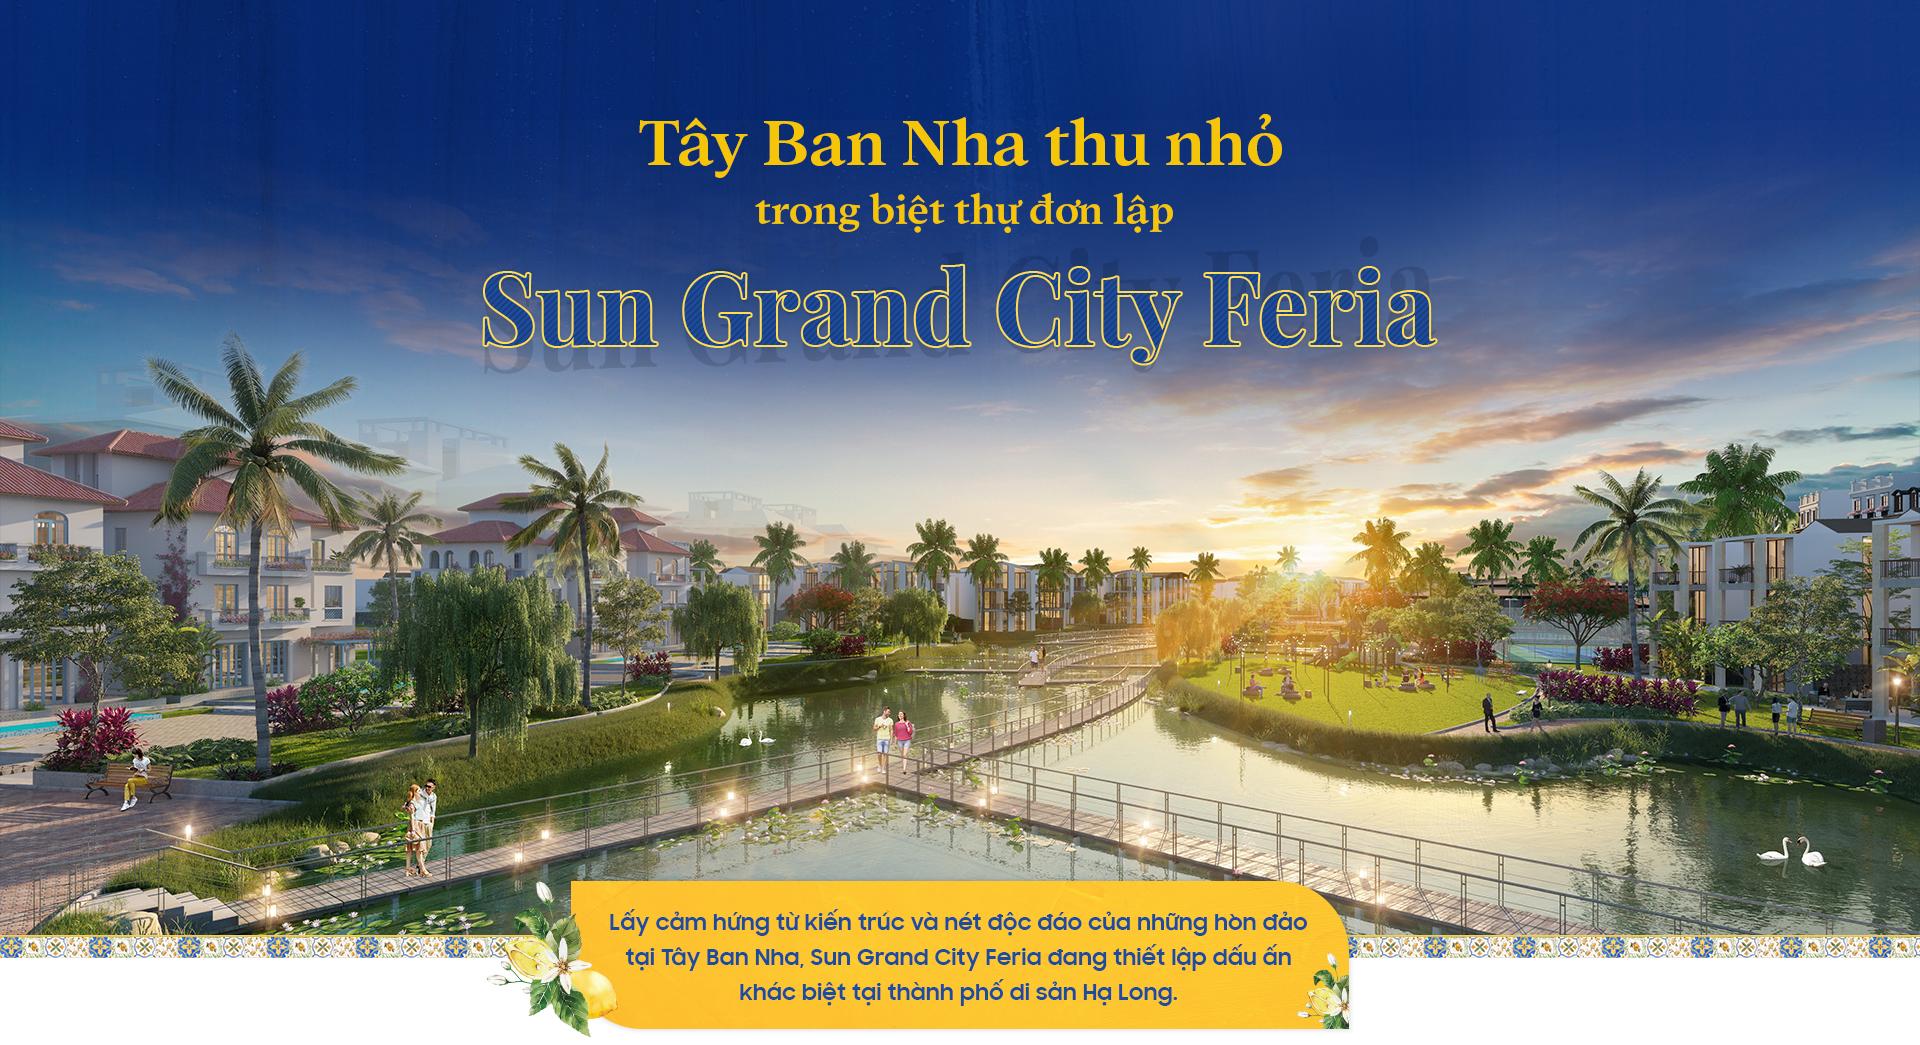 Tây Ban Nha thu nhỏ trong biệt thự đơn lập Sun Grand City Feria 2020 9